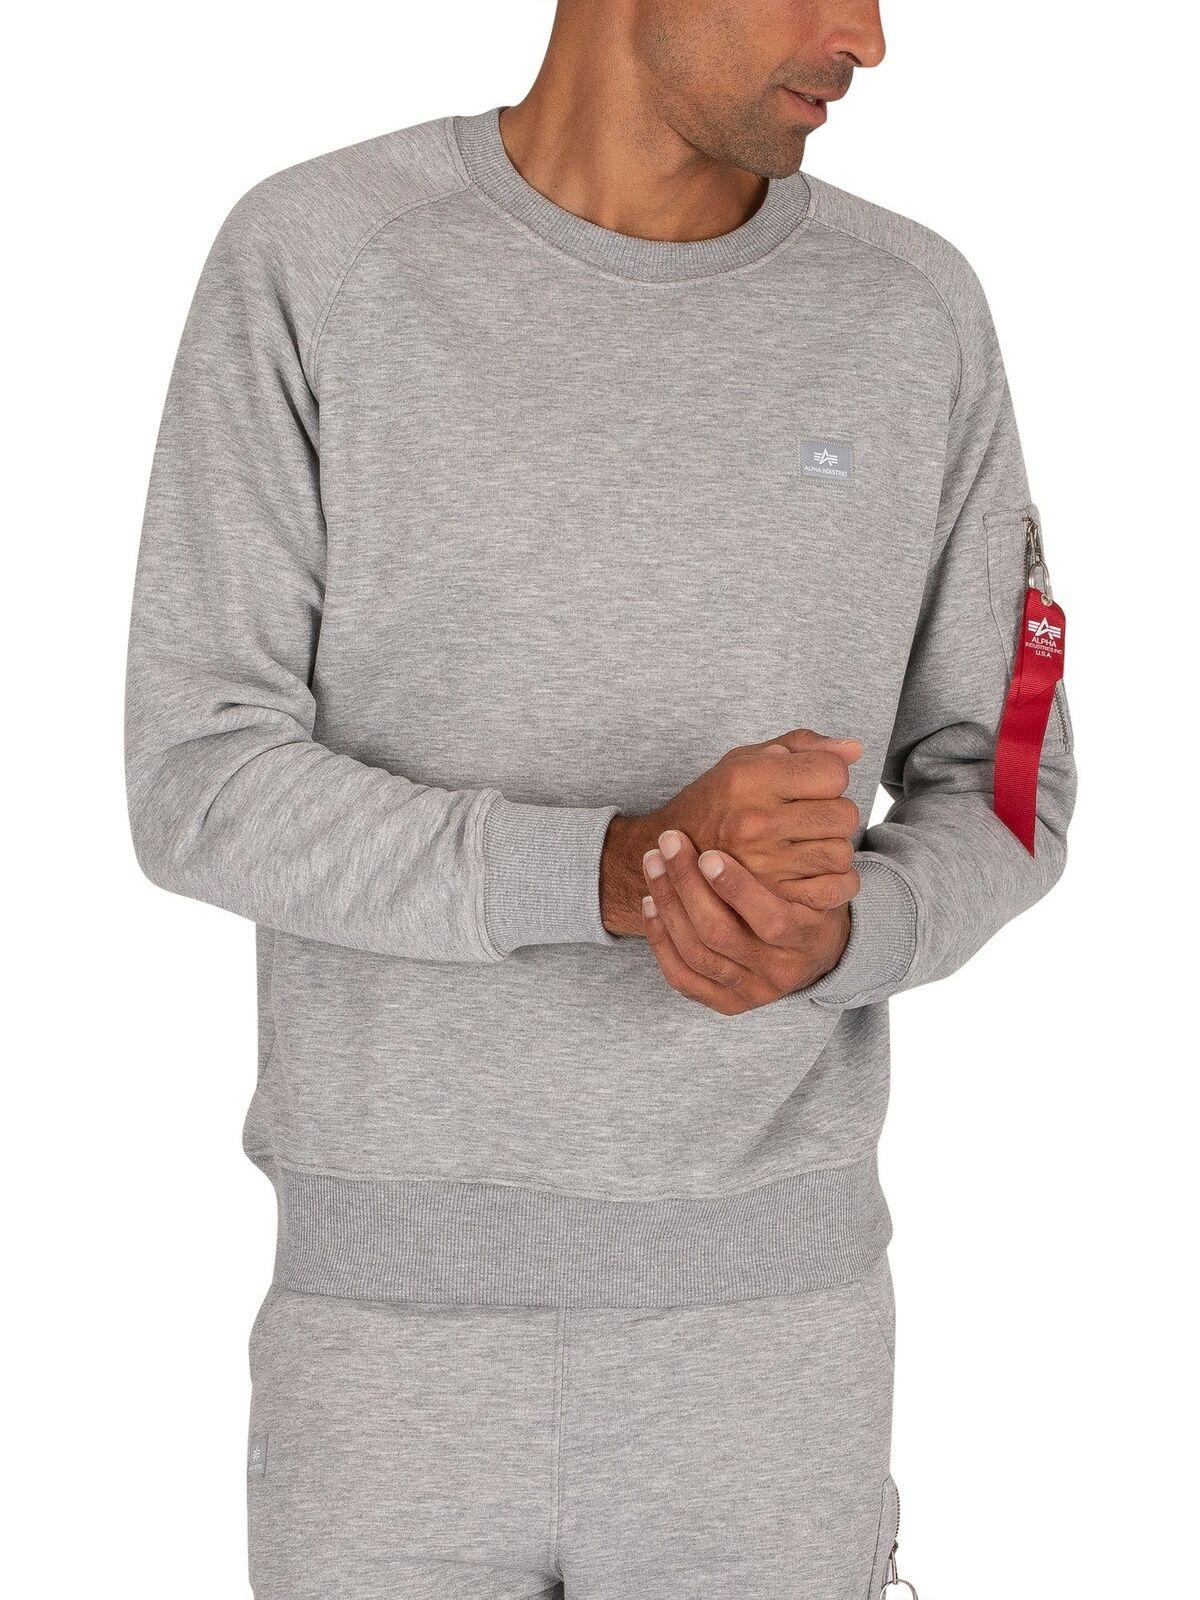 Alpha Industries Men's X-Fit Sweatshirt, Grey